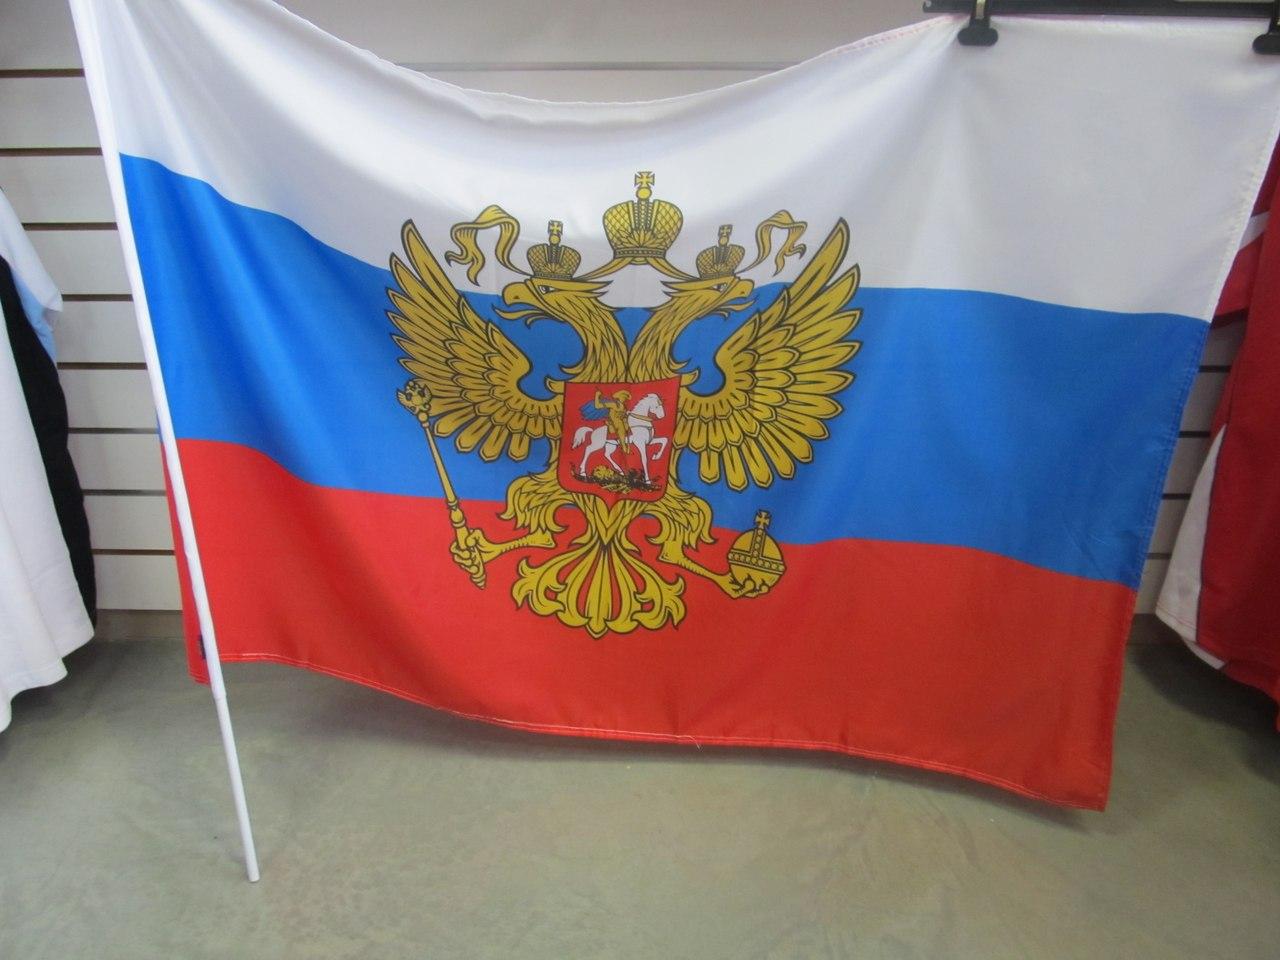 Одежда с гербом России - купить одежду с символикой или надписью Russia 57